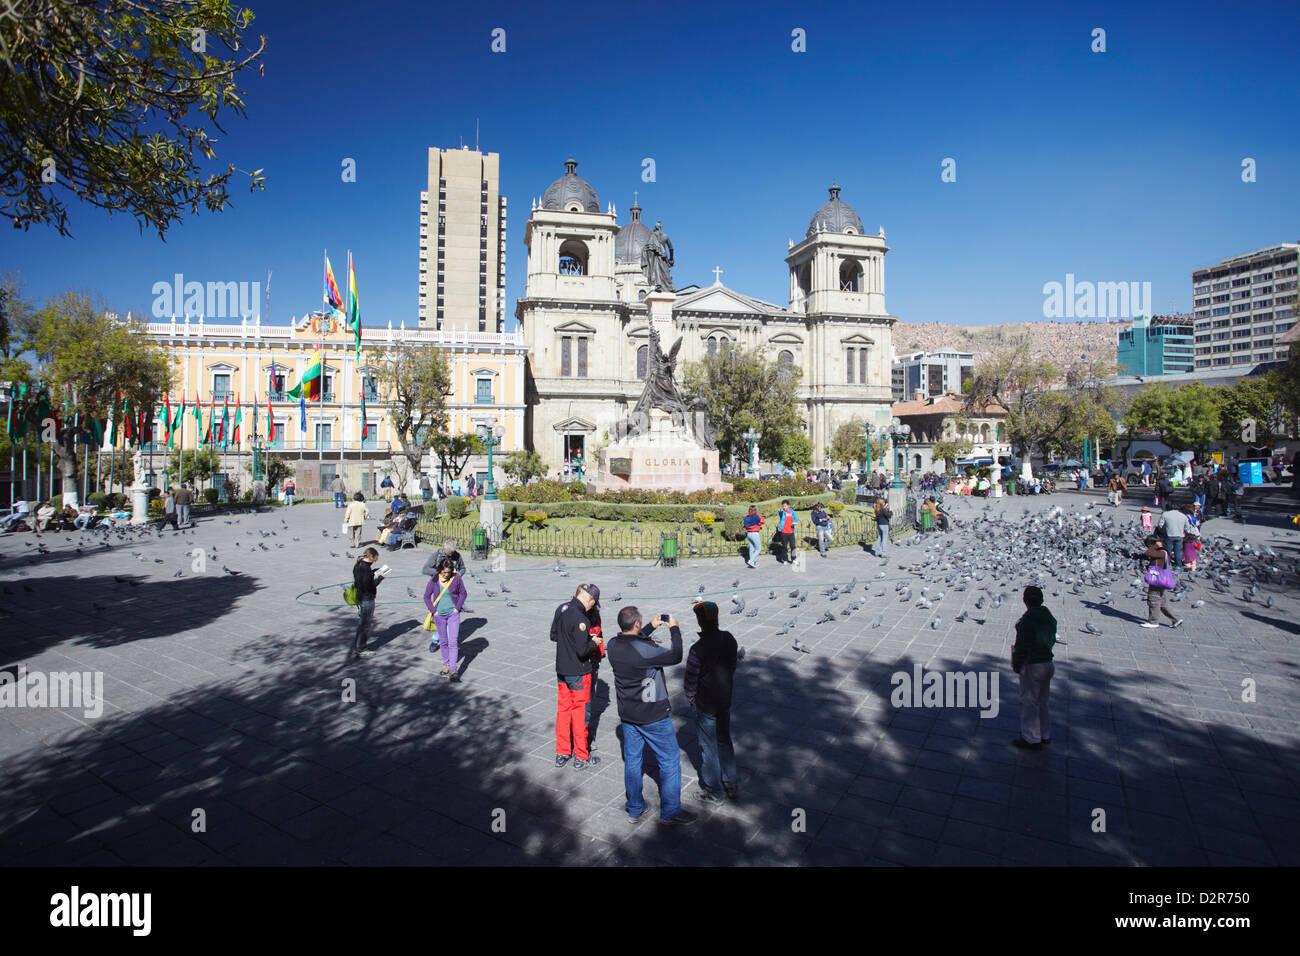 Plaza Pedro Murillo, La Paz, Bolivia, South America - Stock Image